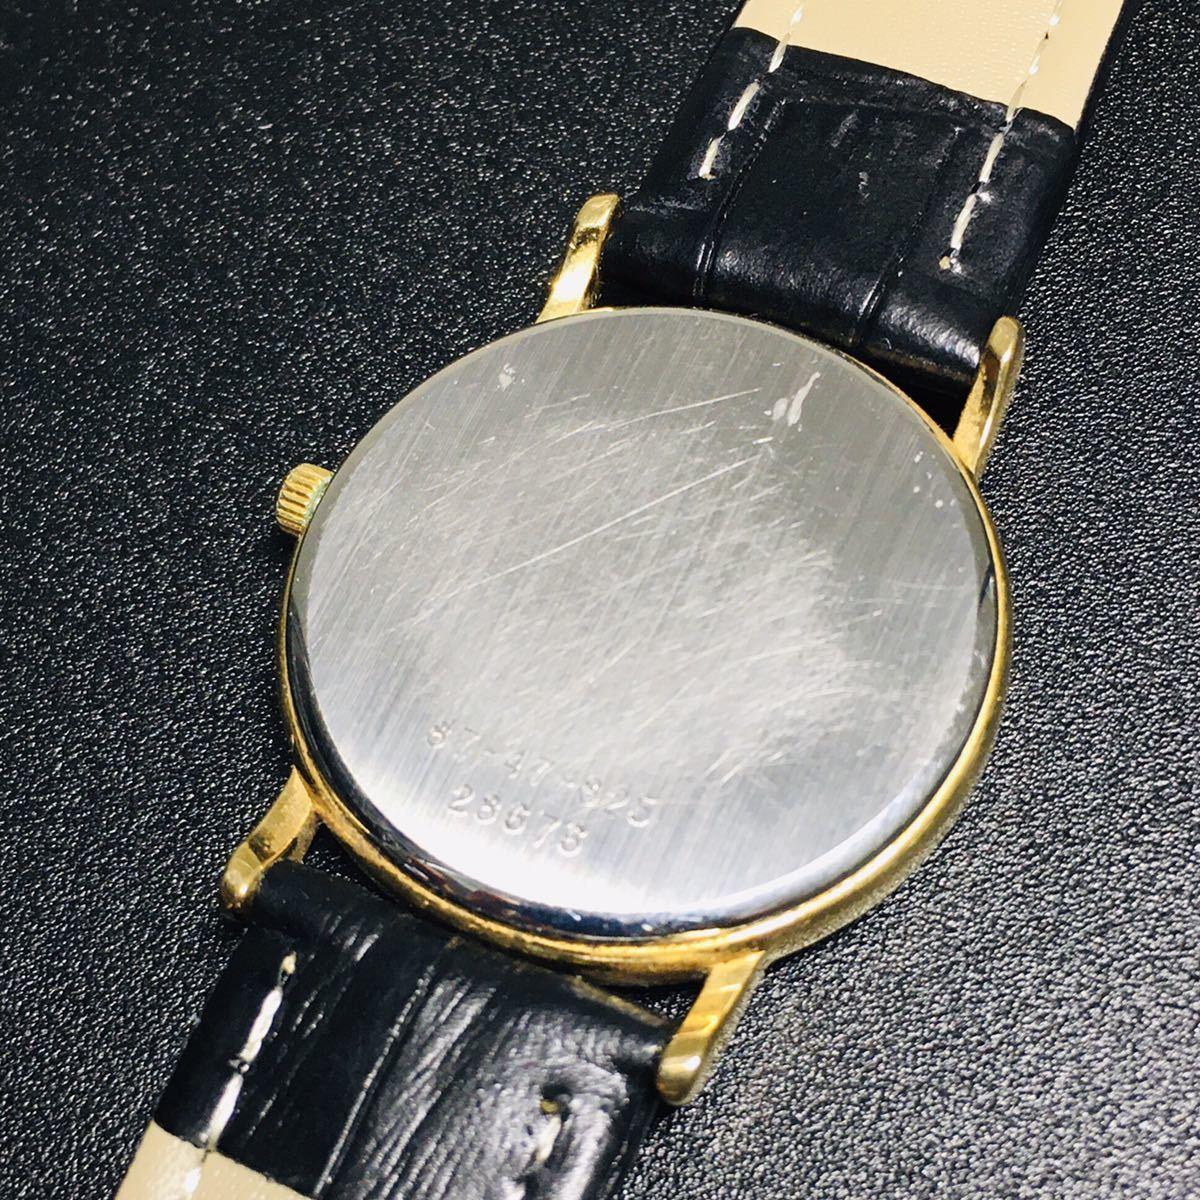 【美品 正規品】ティファニー 腕時計 ローマンインデックス ゴールド クラシック ラウンド レディース 【2005Ti36】_画像8